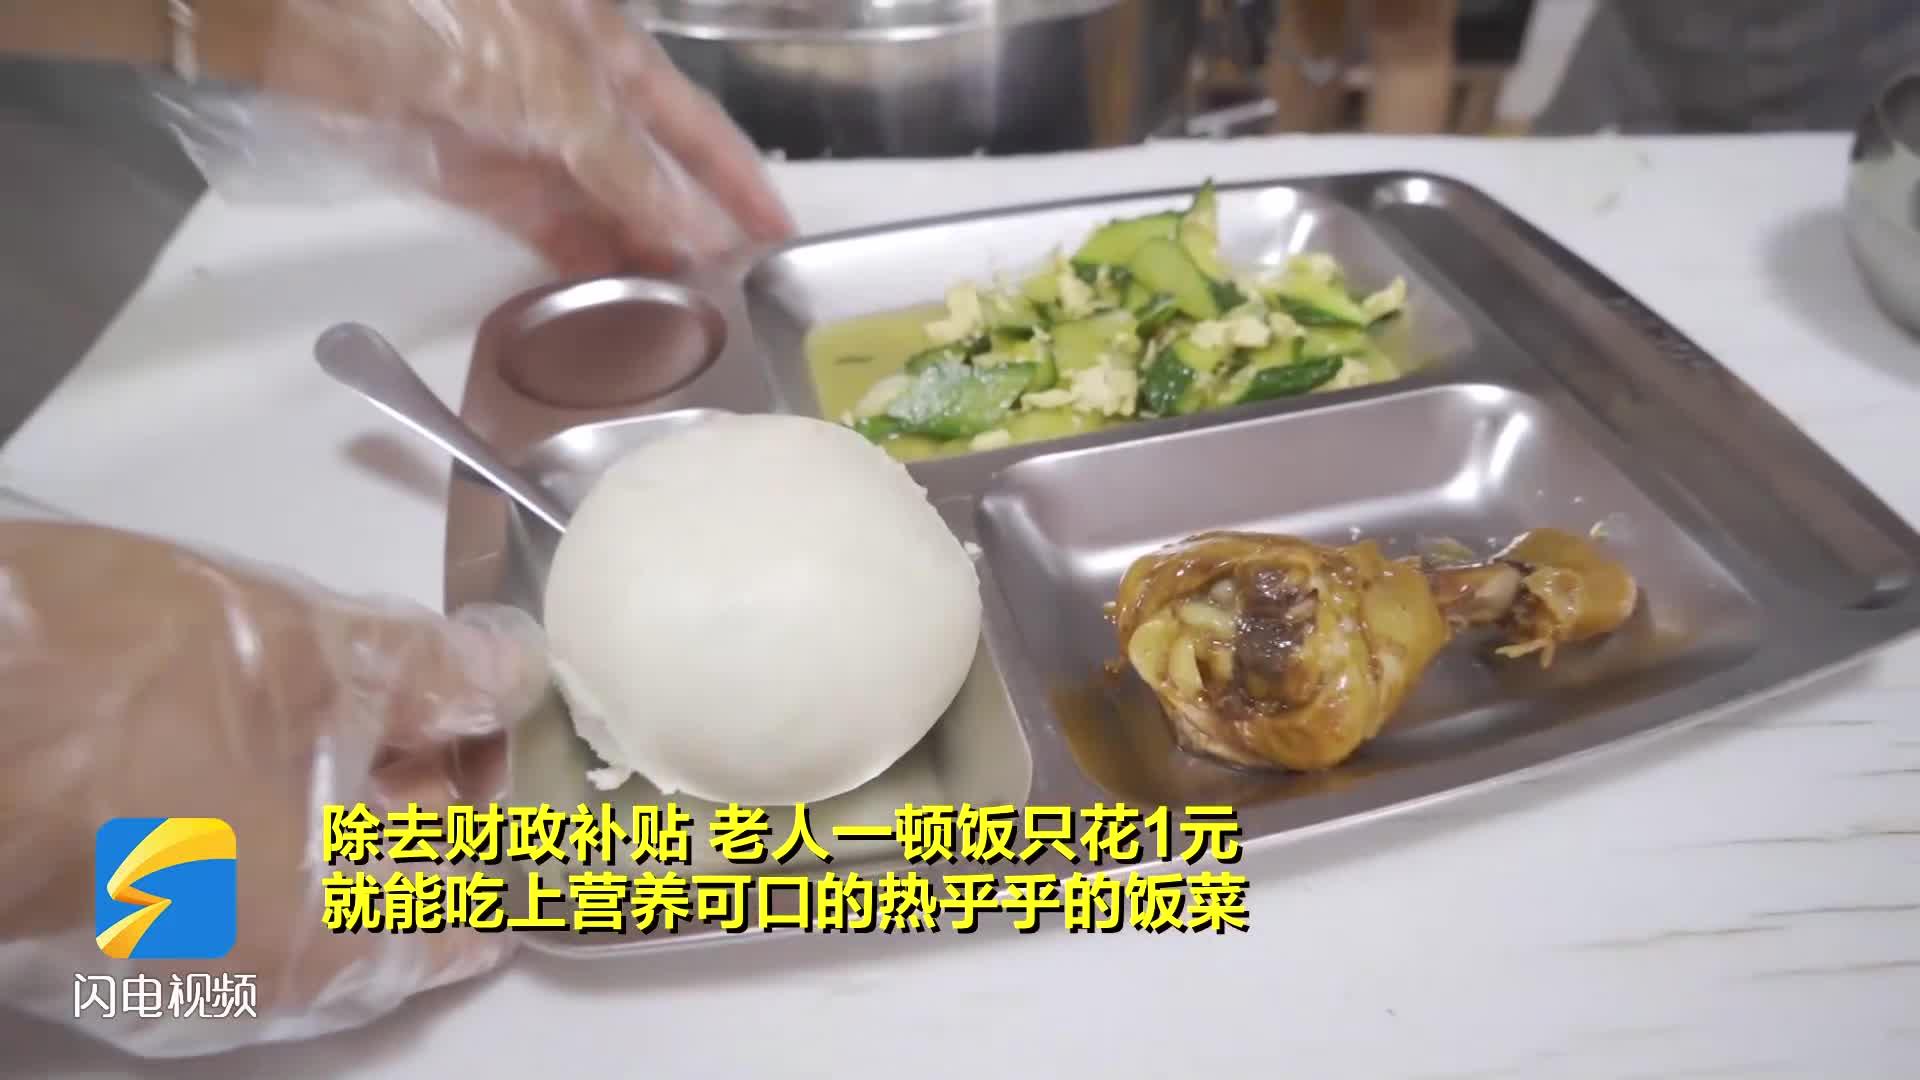 潍坊寿光:幸福从一口热乎饭开始